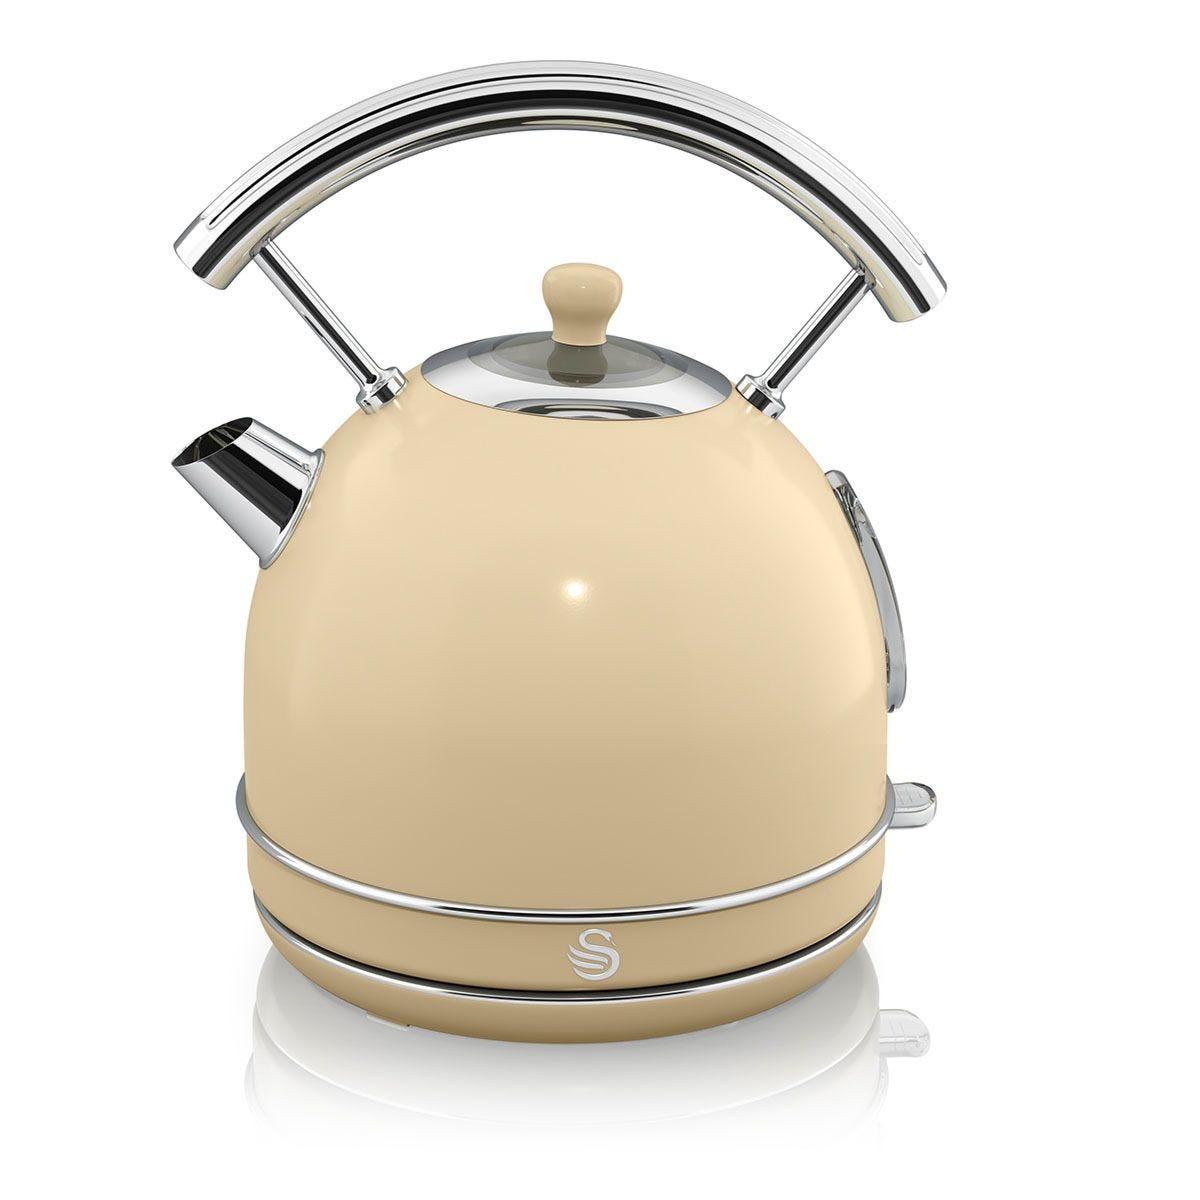 Swan 1.8L 3000W Retro Dome Kettle - Cream